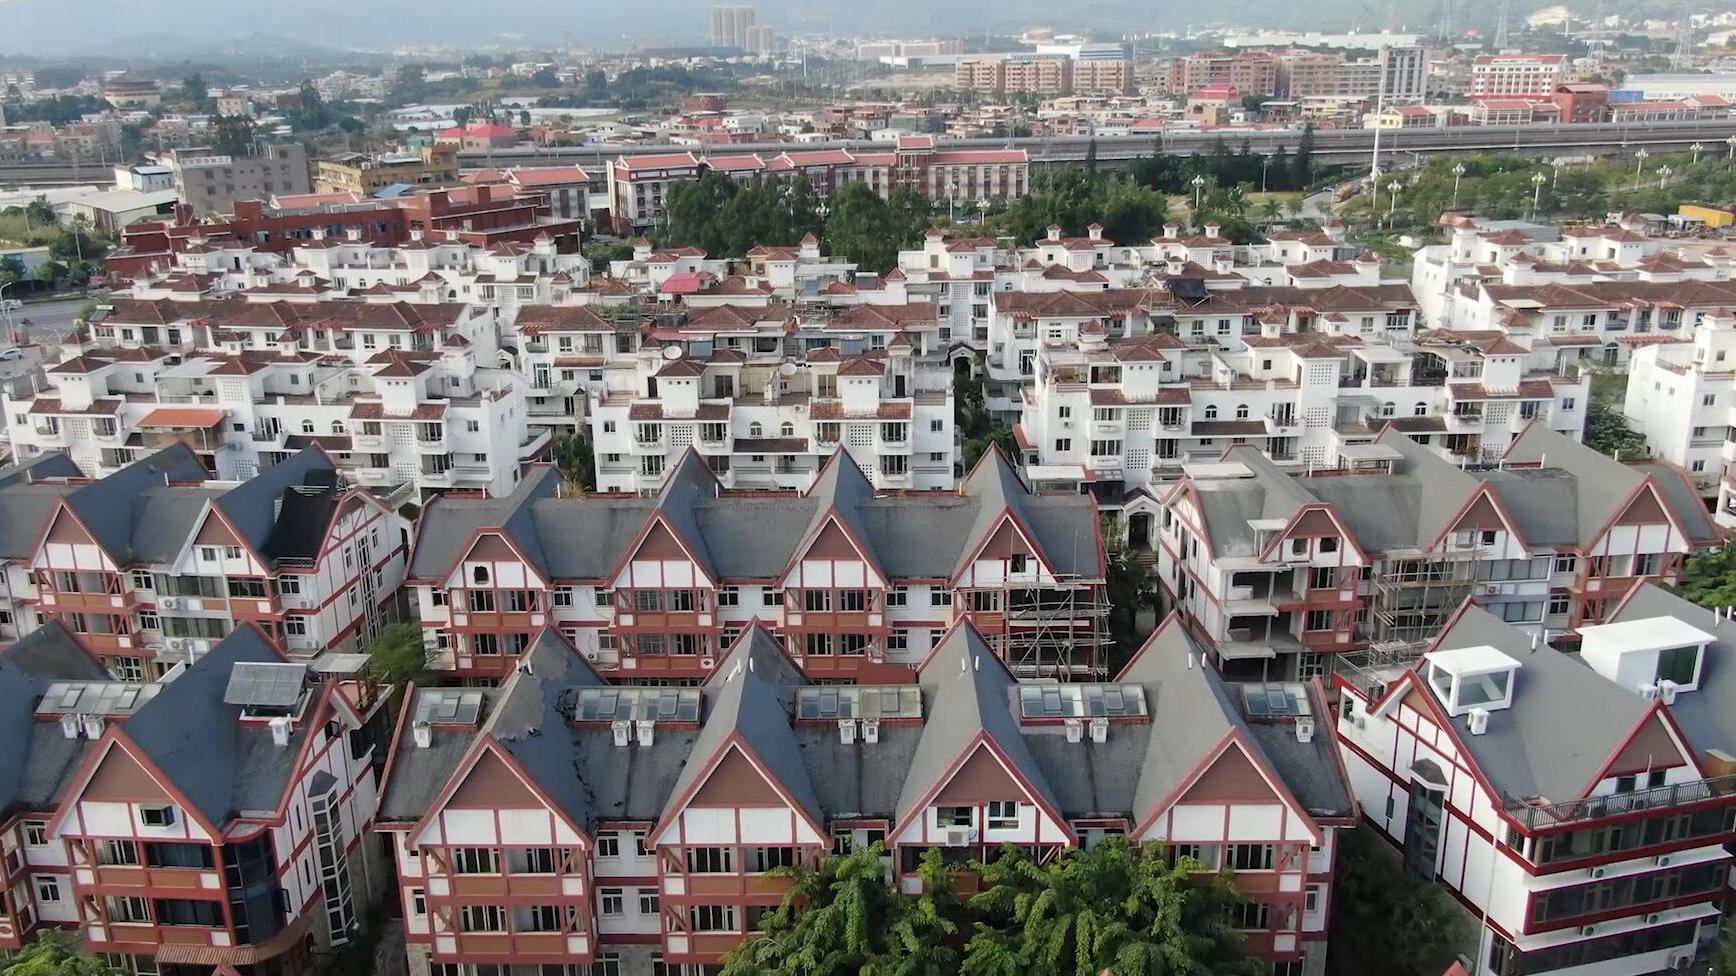 俯瞰福建漳州的一个新生态小镇,一栋栋别墅区屹立在此,环境怡人